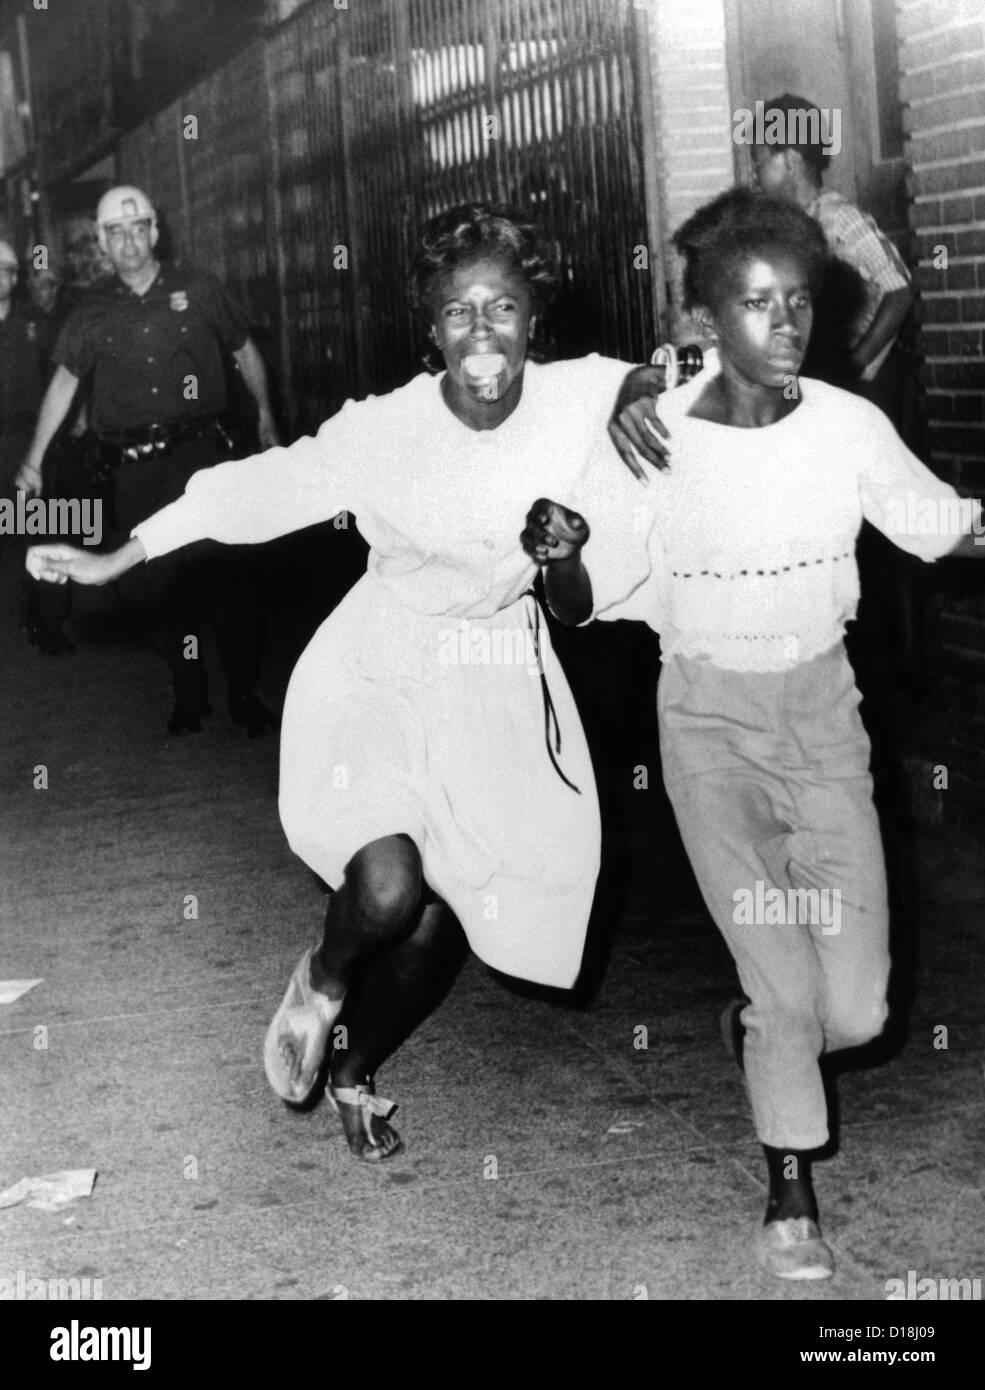 Dos jóvenes afroamericanos niñas, uno gritando durante los disturbios ocurridos en la sección de Imagen De Stock